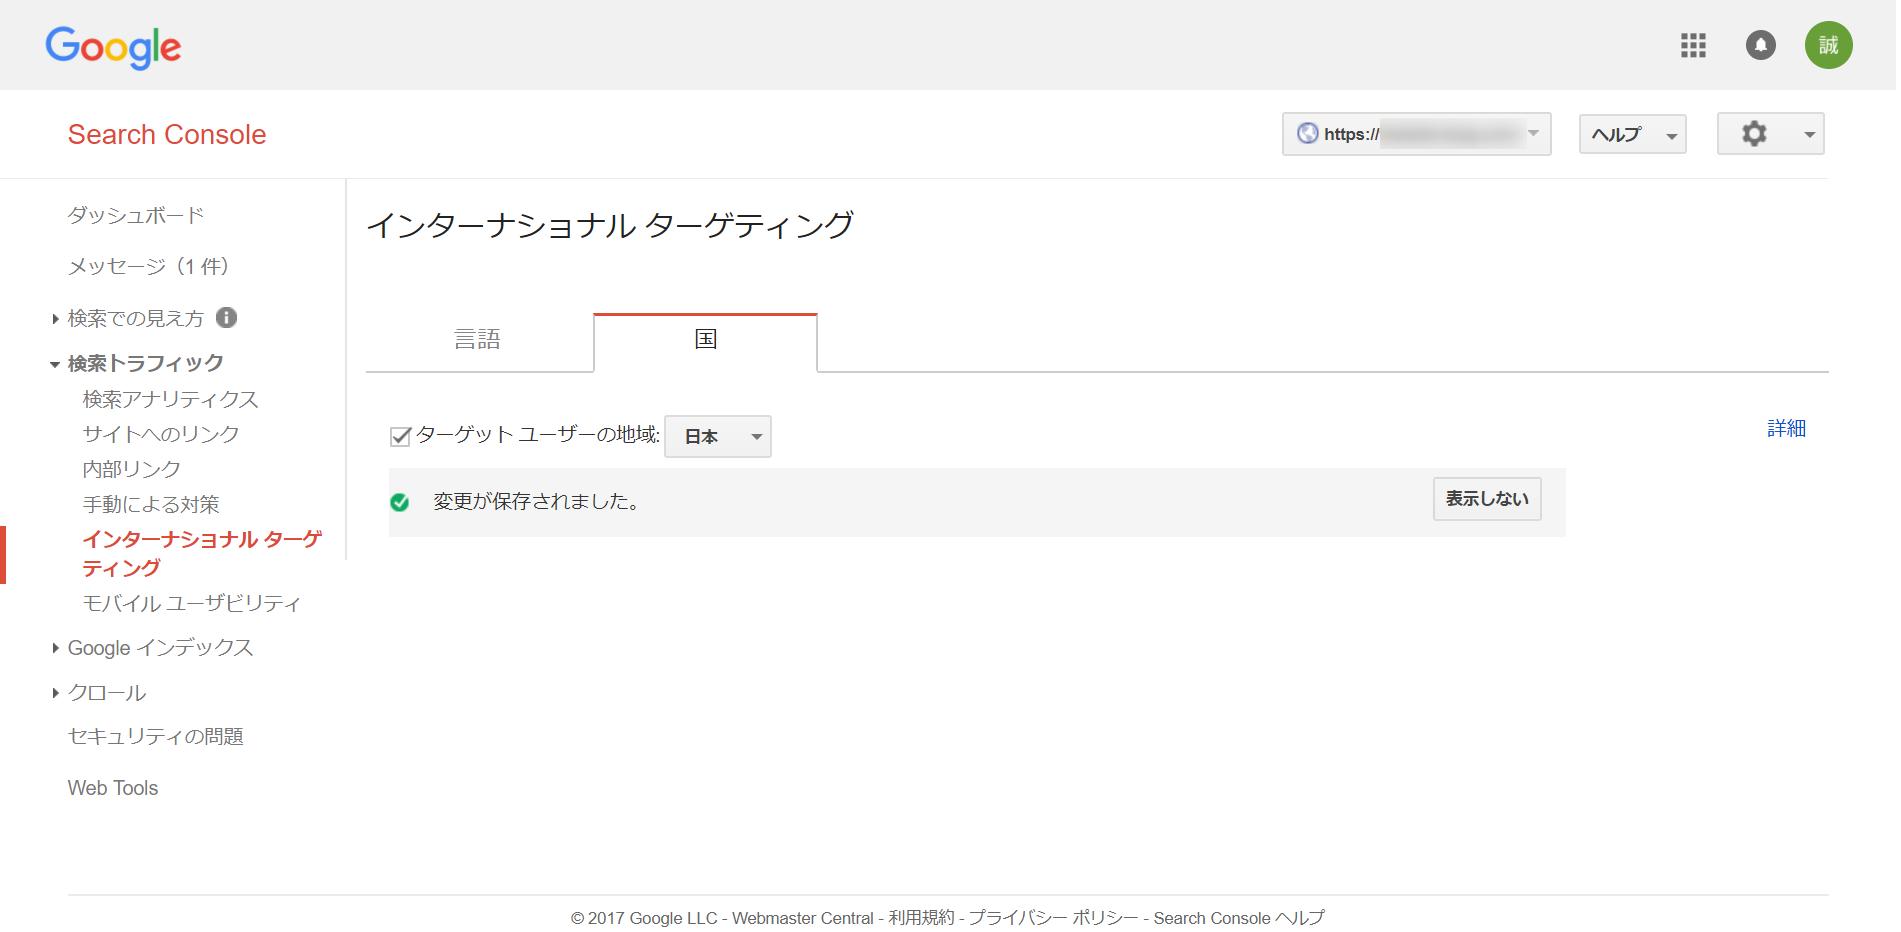 ターゲットユーザーの地域変更保存